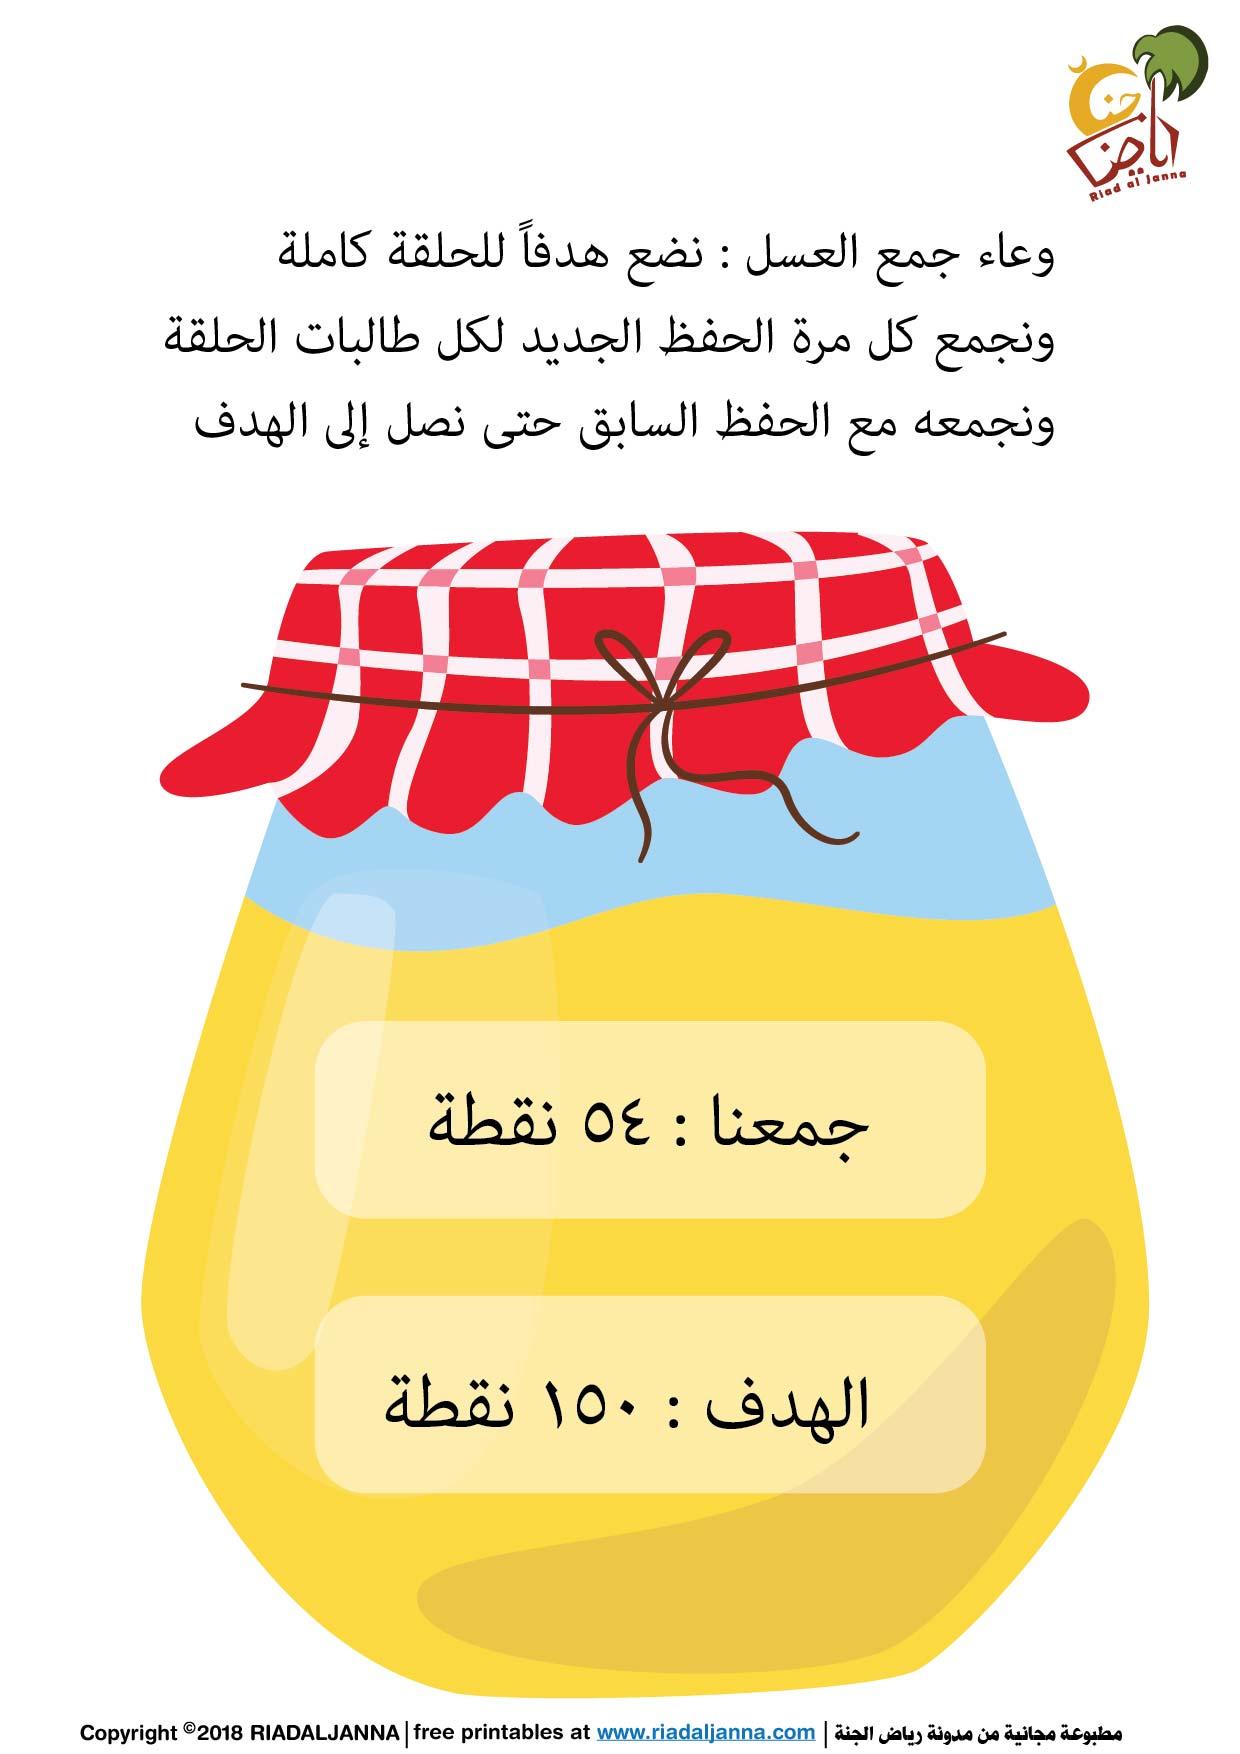 حلو كالعسل برنامج لتحفيز حلقات القرآن نماذج للطباعة رياض الجنة